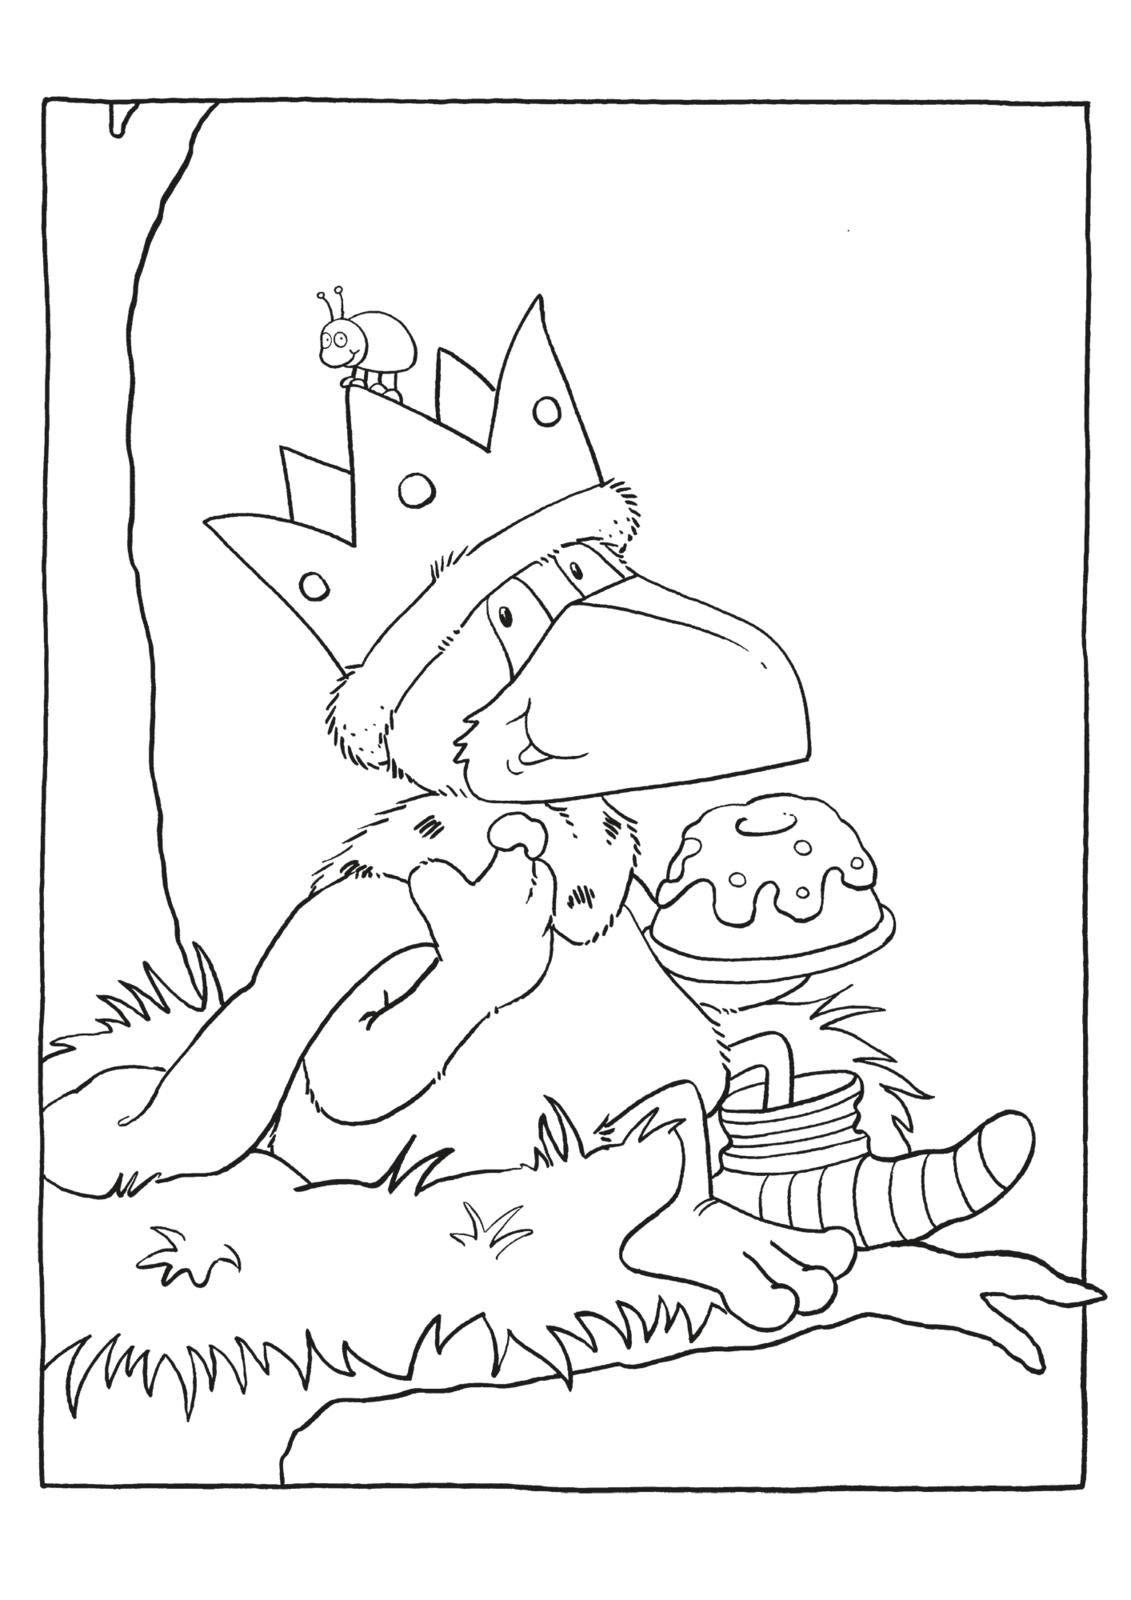 Das Riesen Malbuch Vom Kleinen Raben Socke Der Kleine Rabe Socke Amazon De Rudolph Annet Bucher